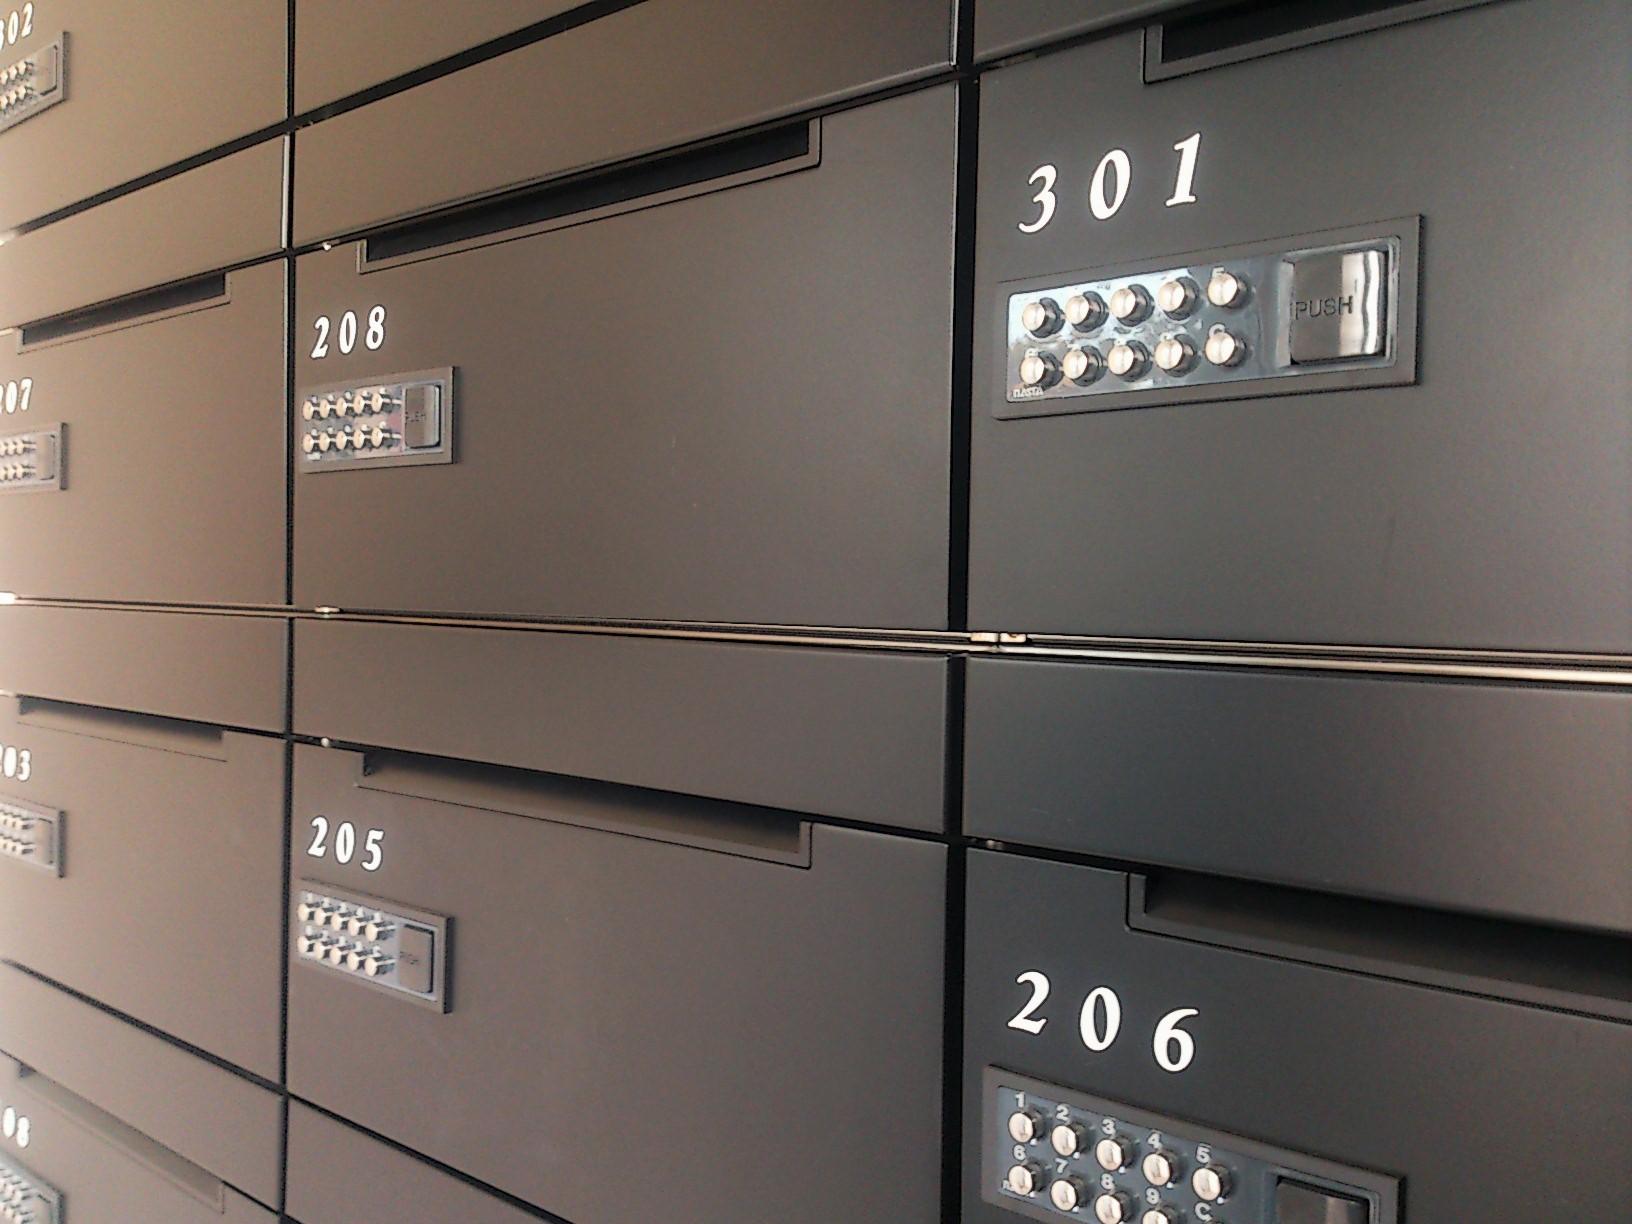 メールボックス - 各部屋に1つずつご用意しております -